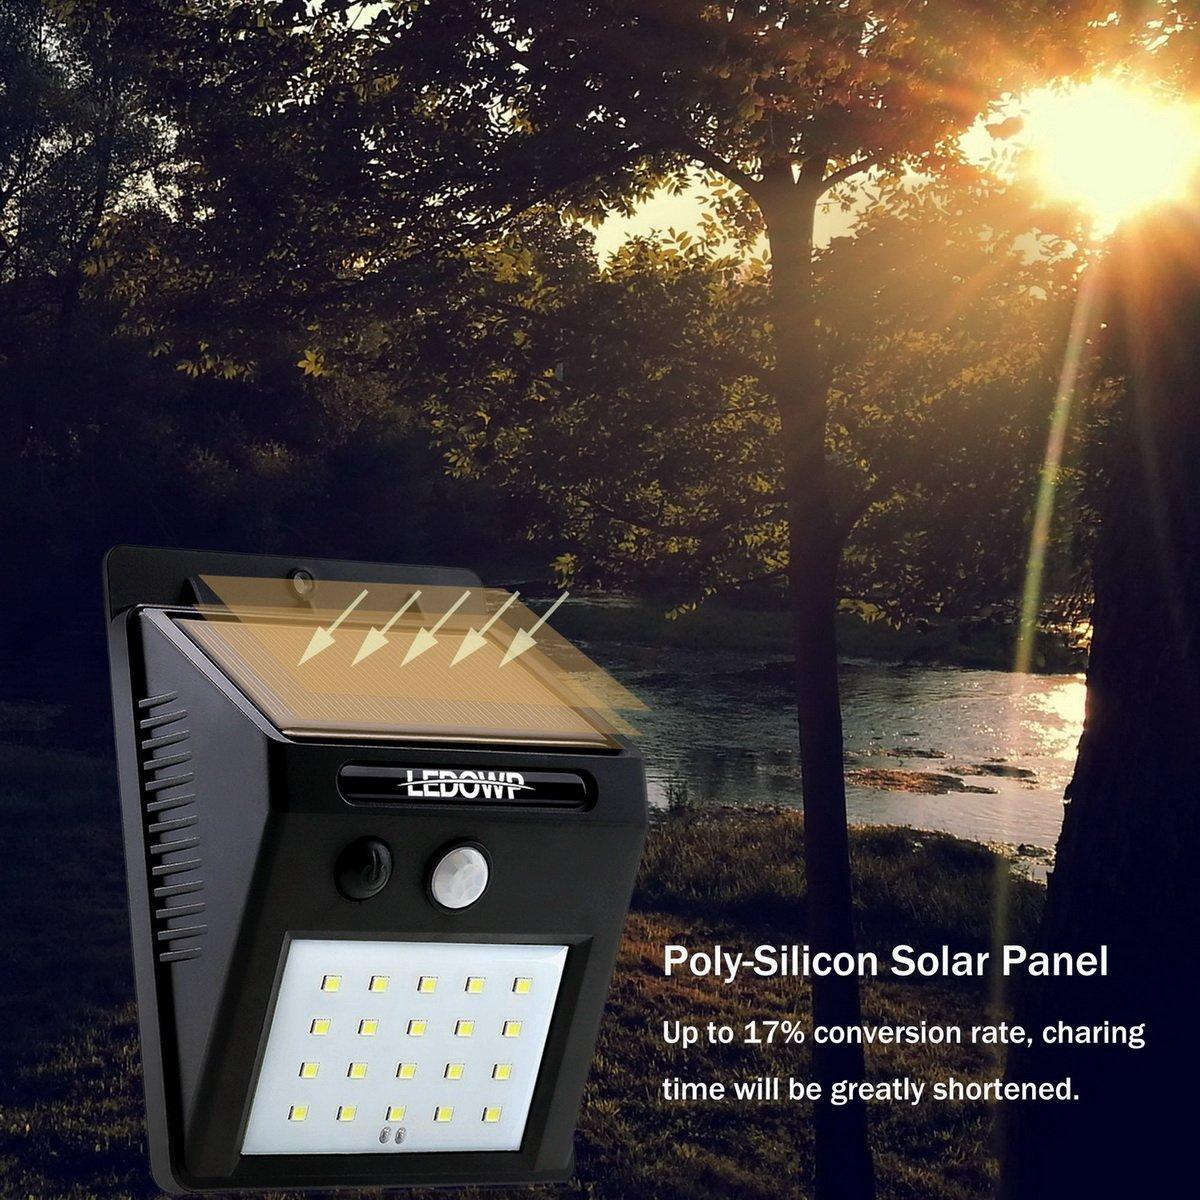 20 LED Solar Powered Motion Sensor Außen Licht, WLAN-3 Intelligente ...